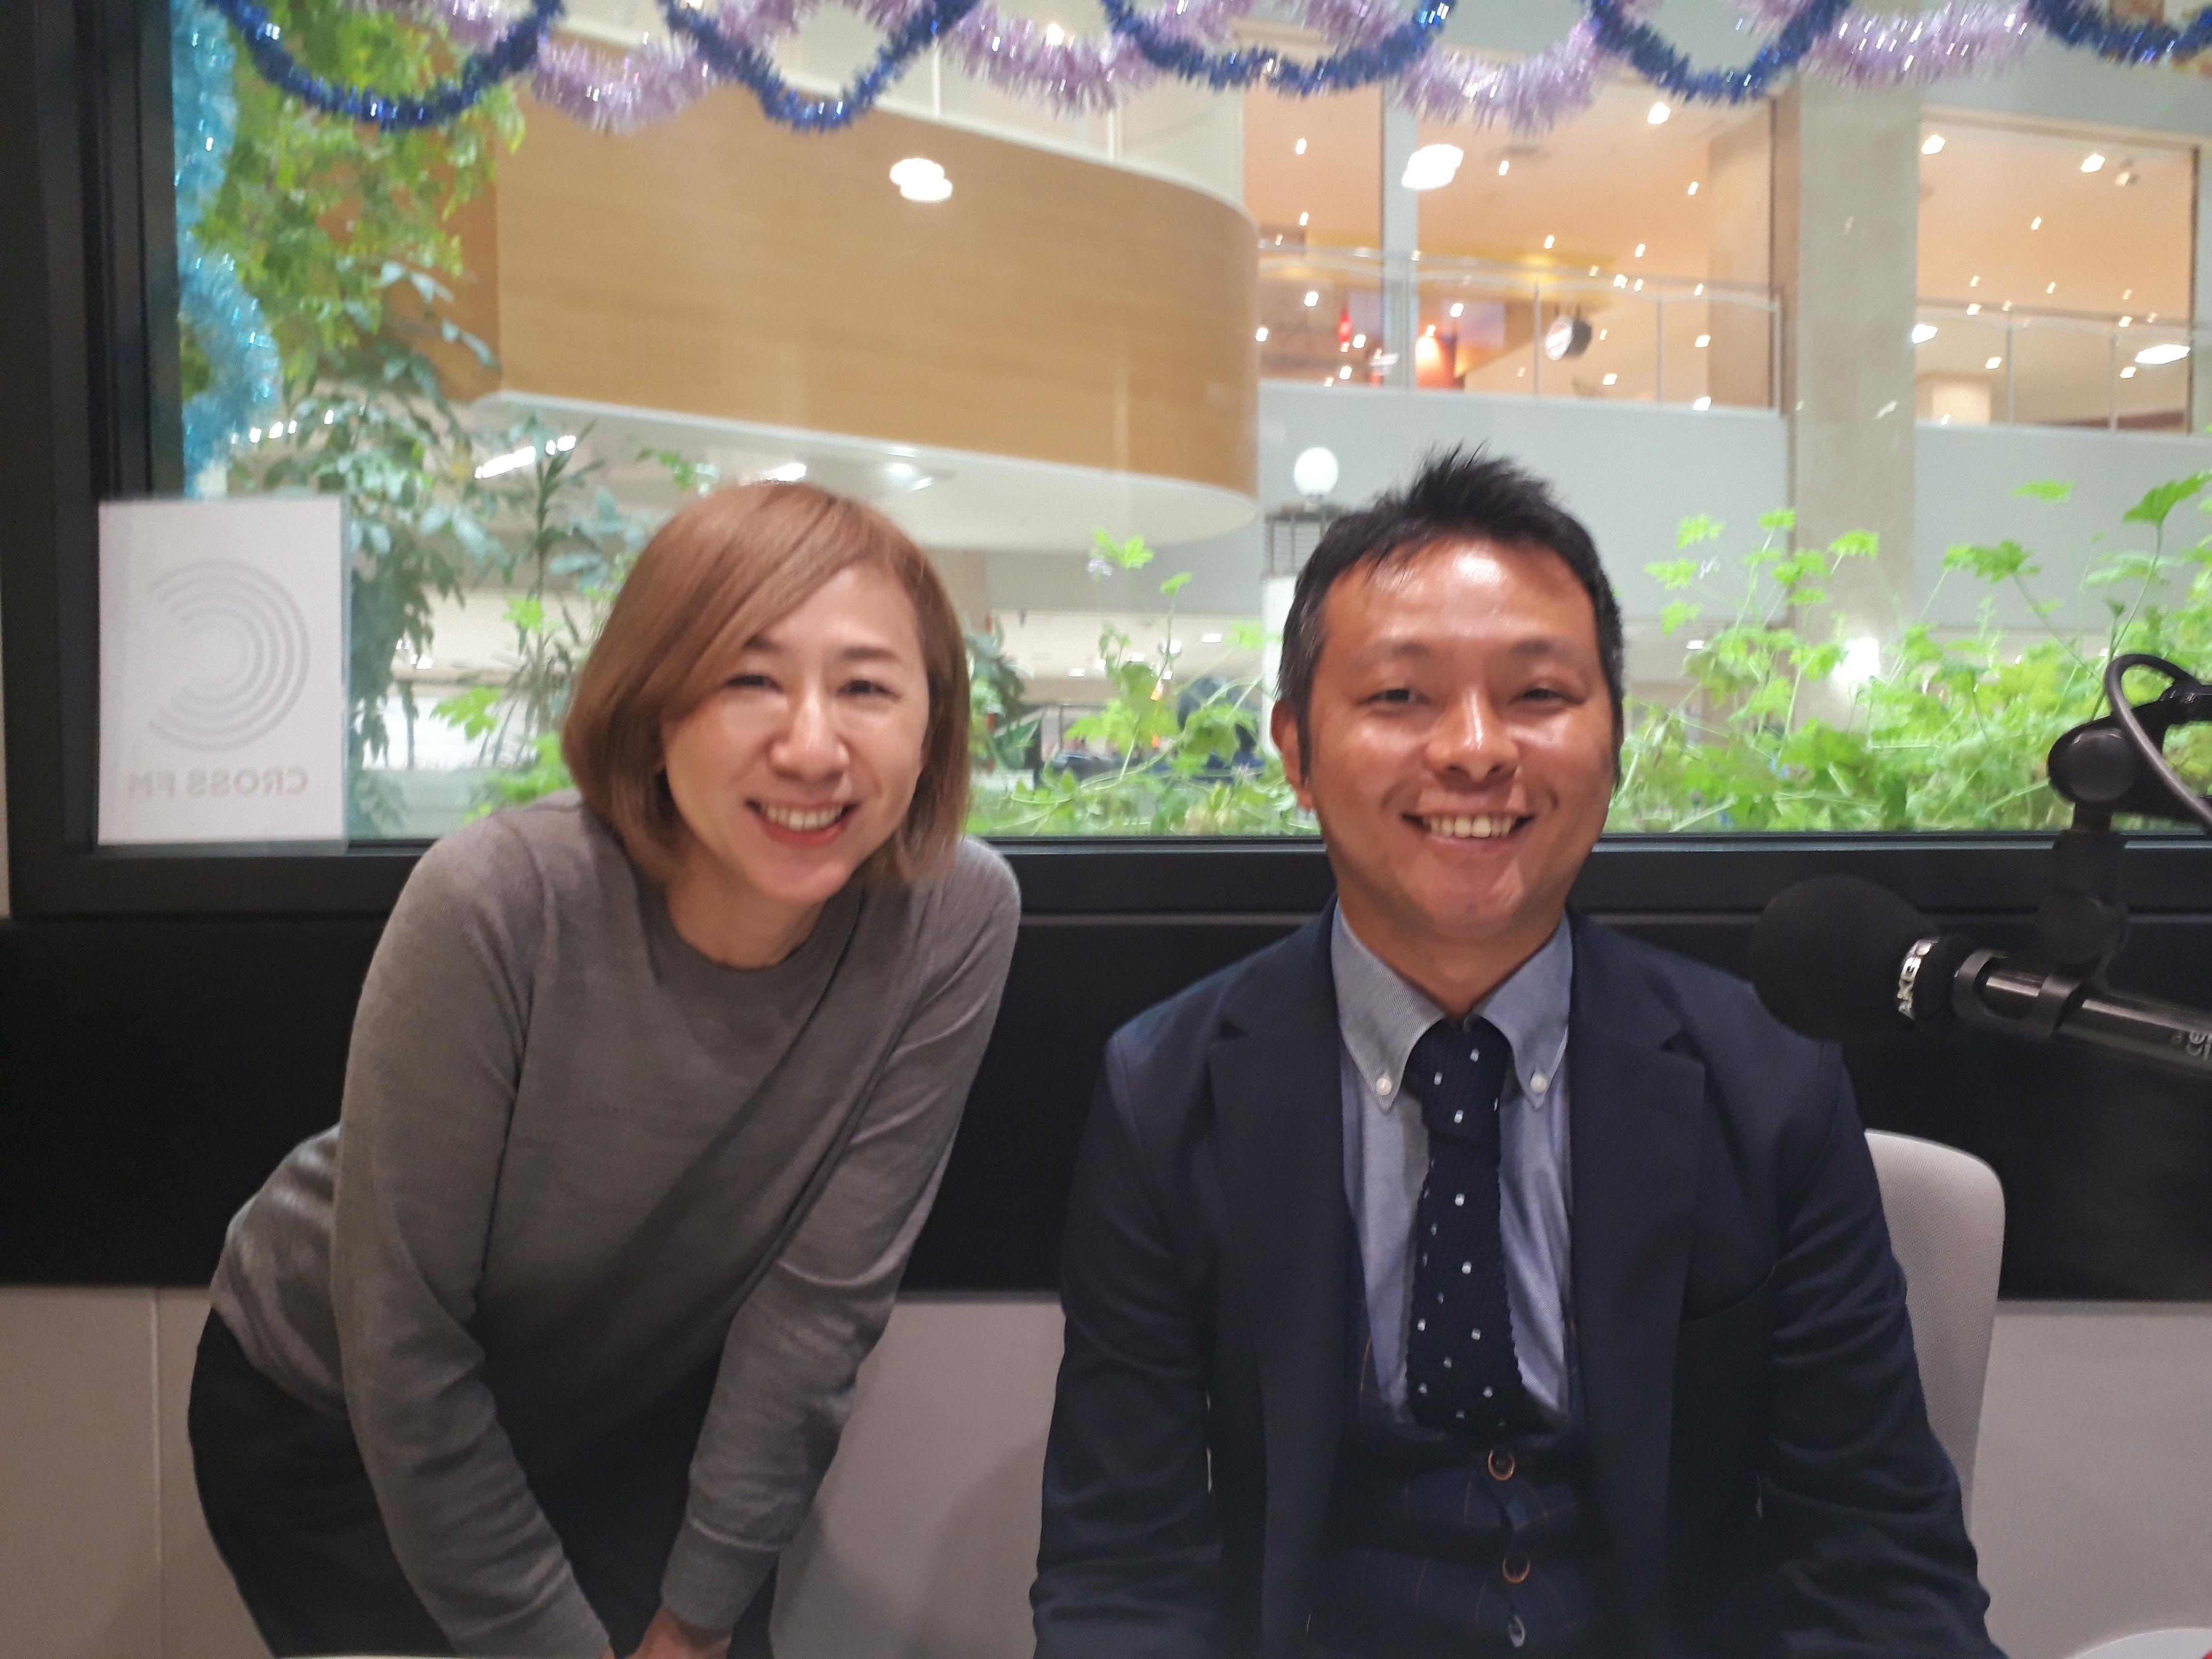 【第12回】至誠法律事務所 代表弁護士 春田康秀さん登場!